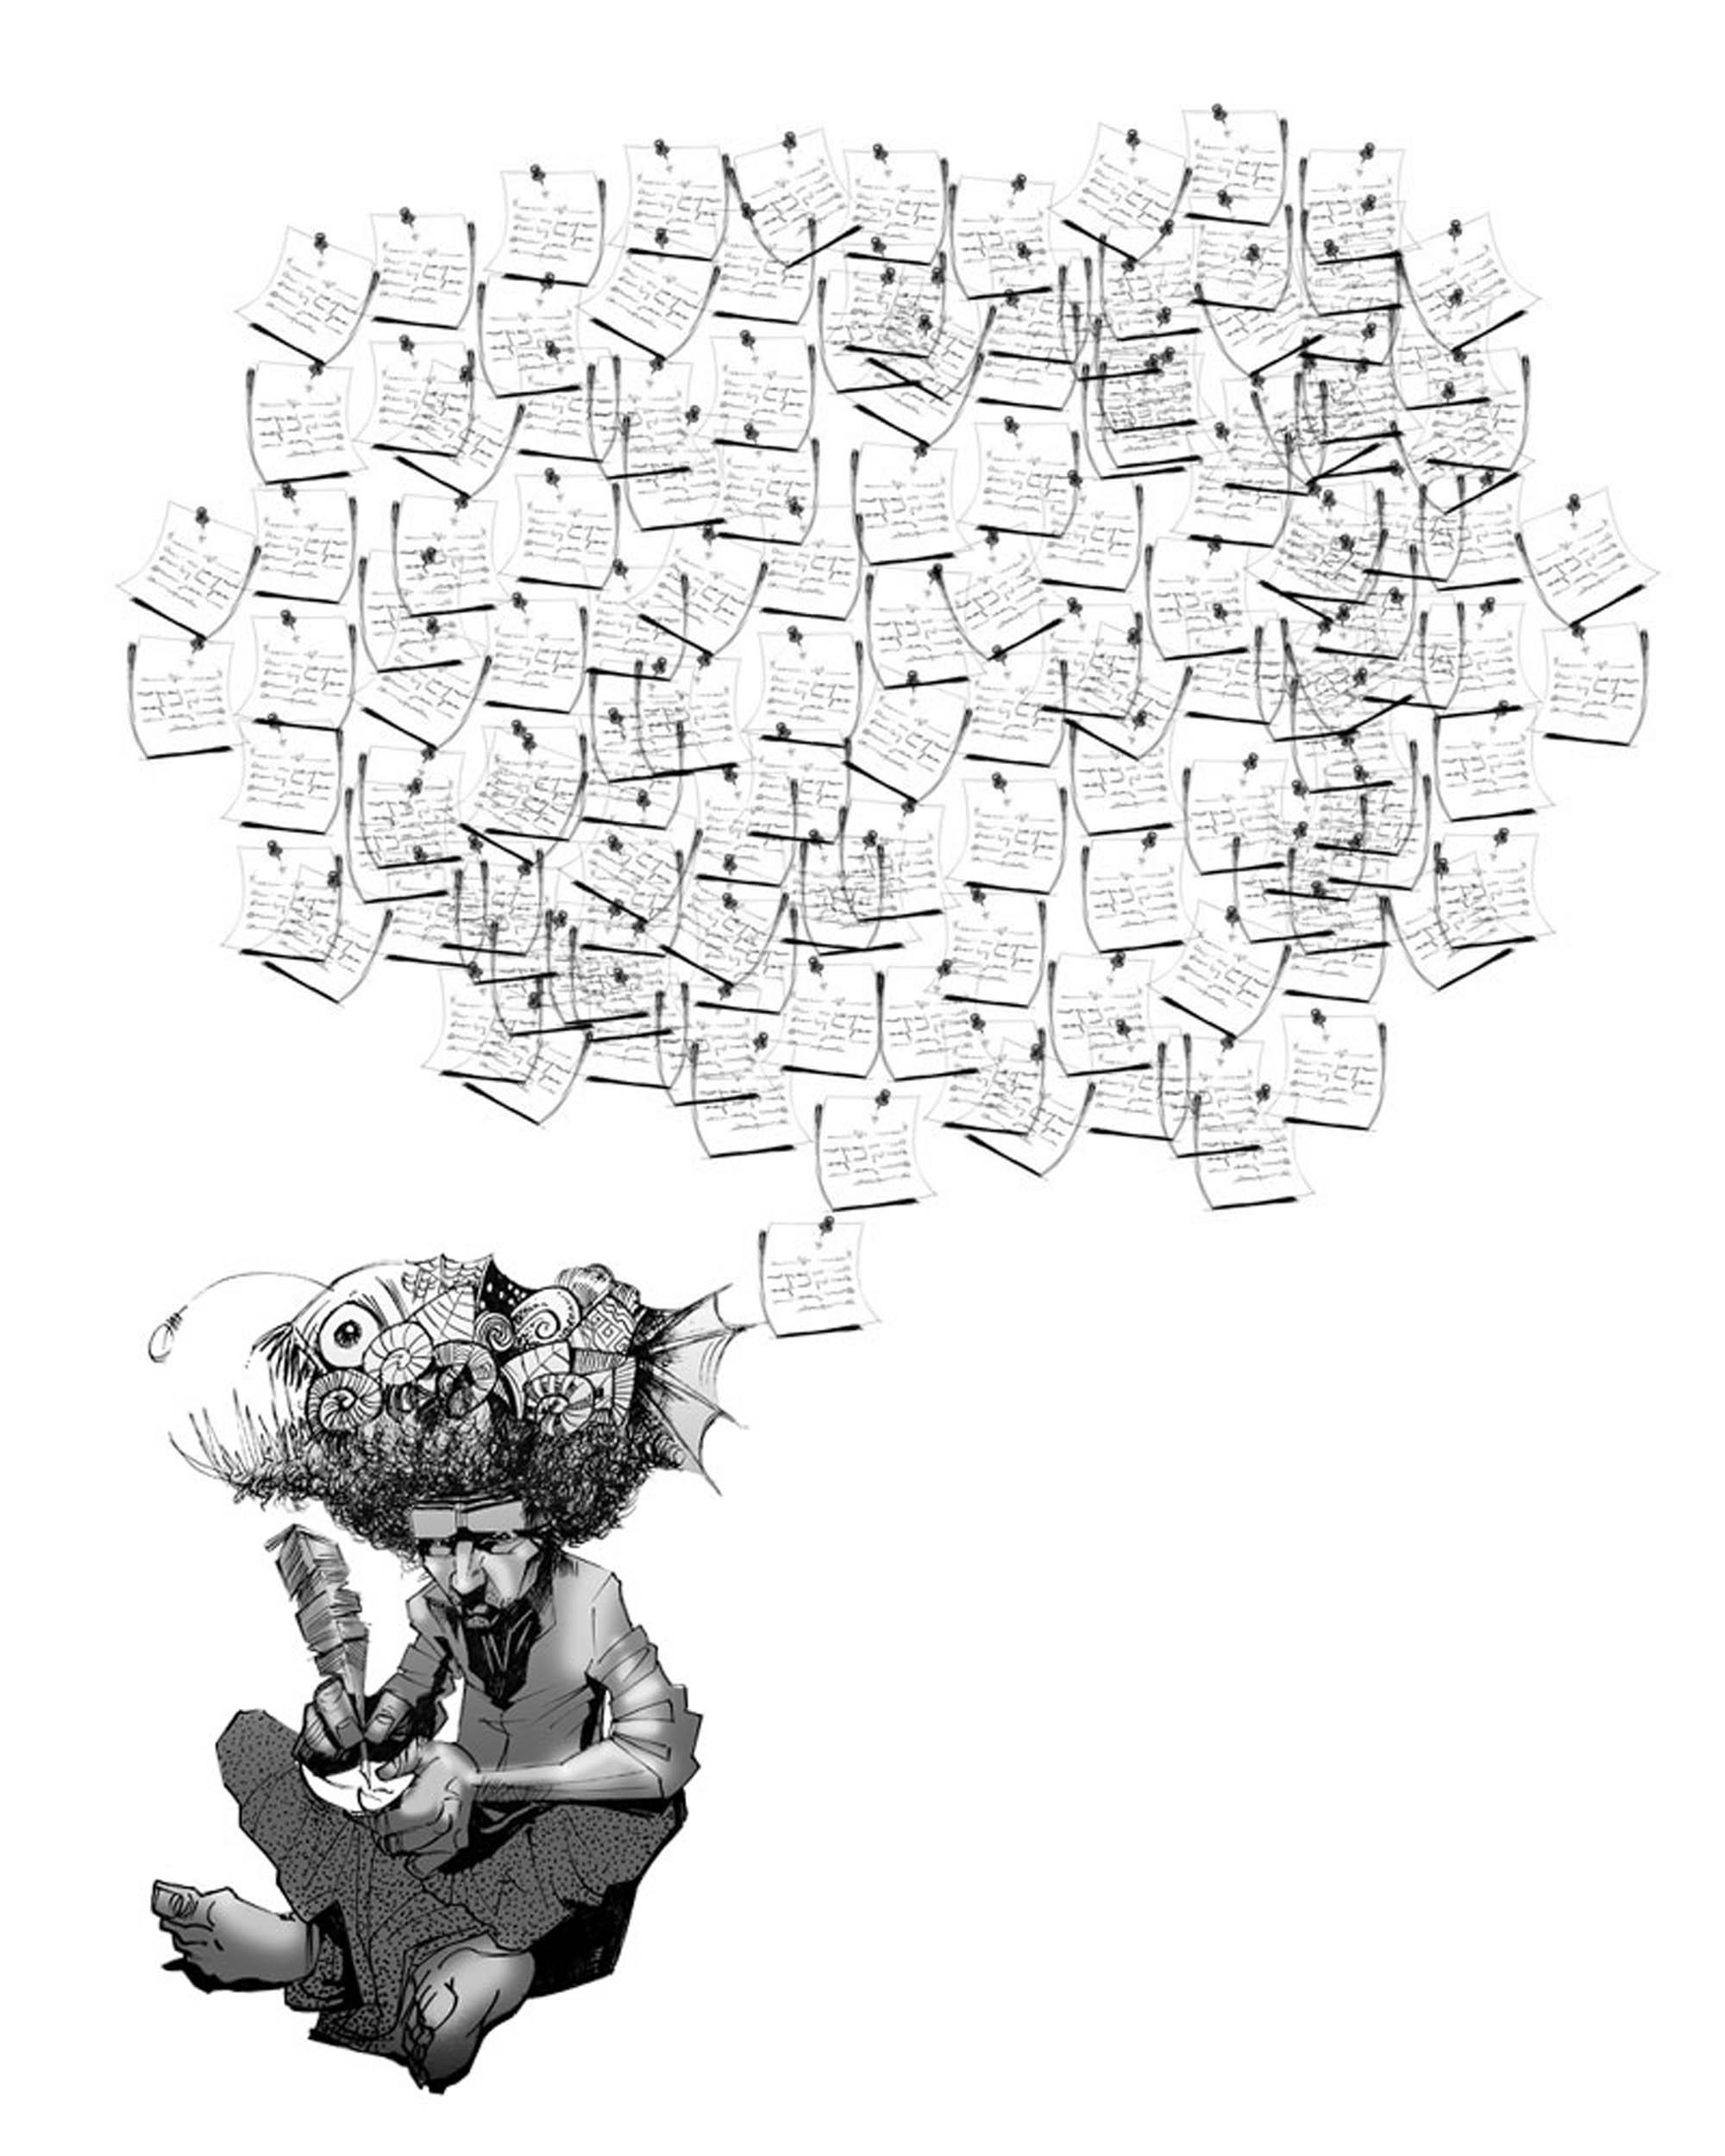 Art by José Amado Polanco Martinez